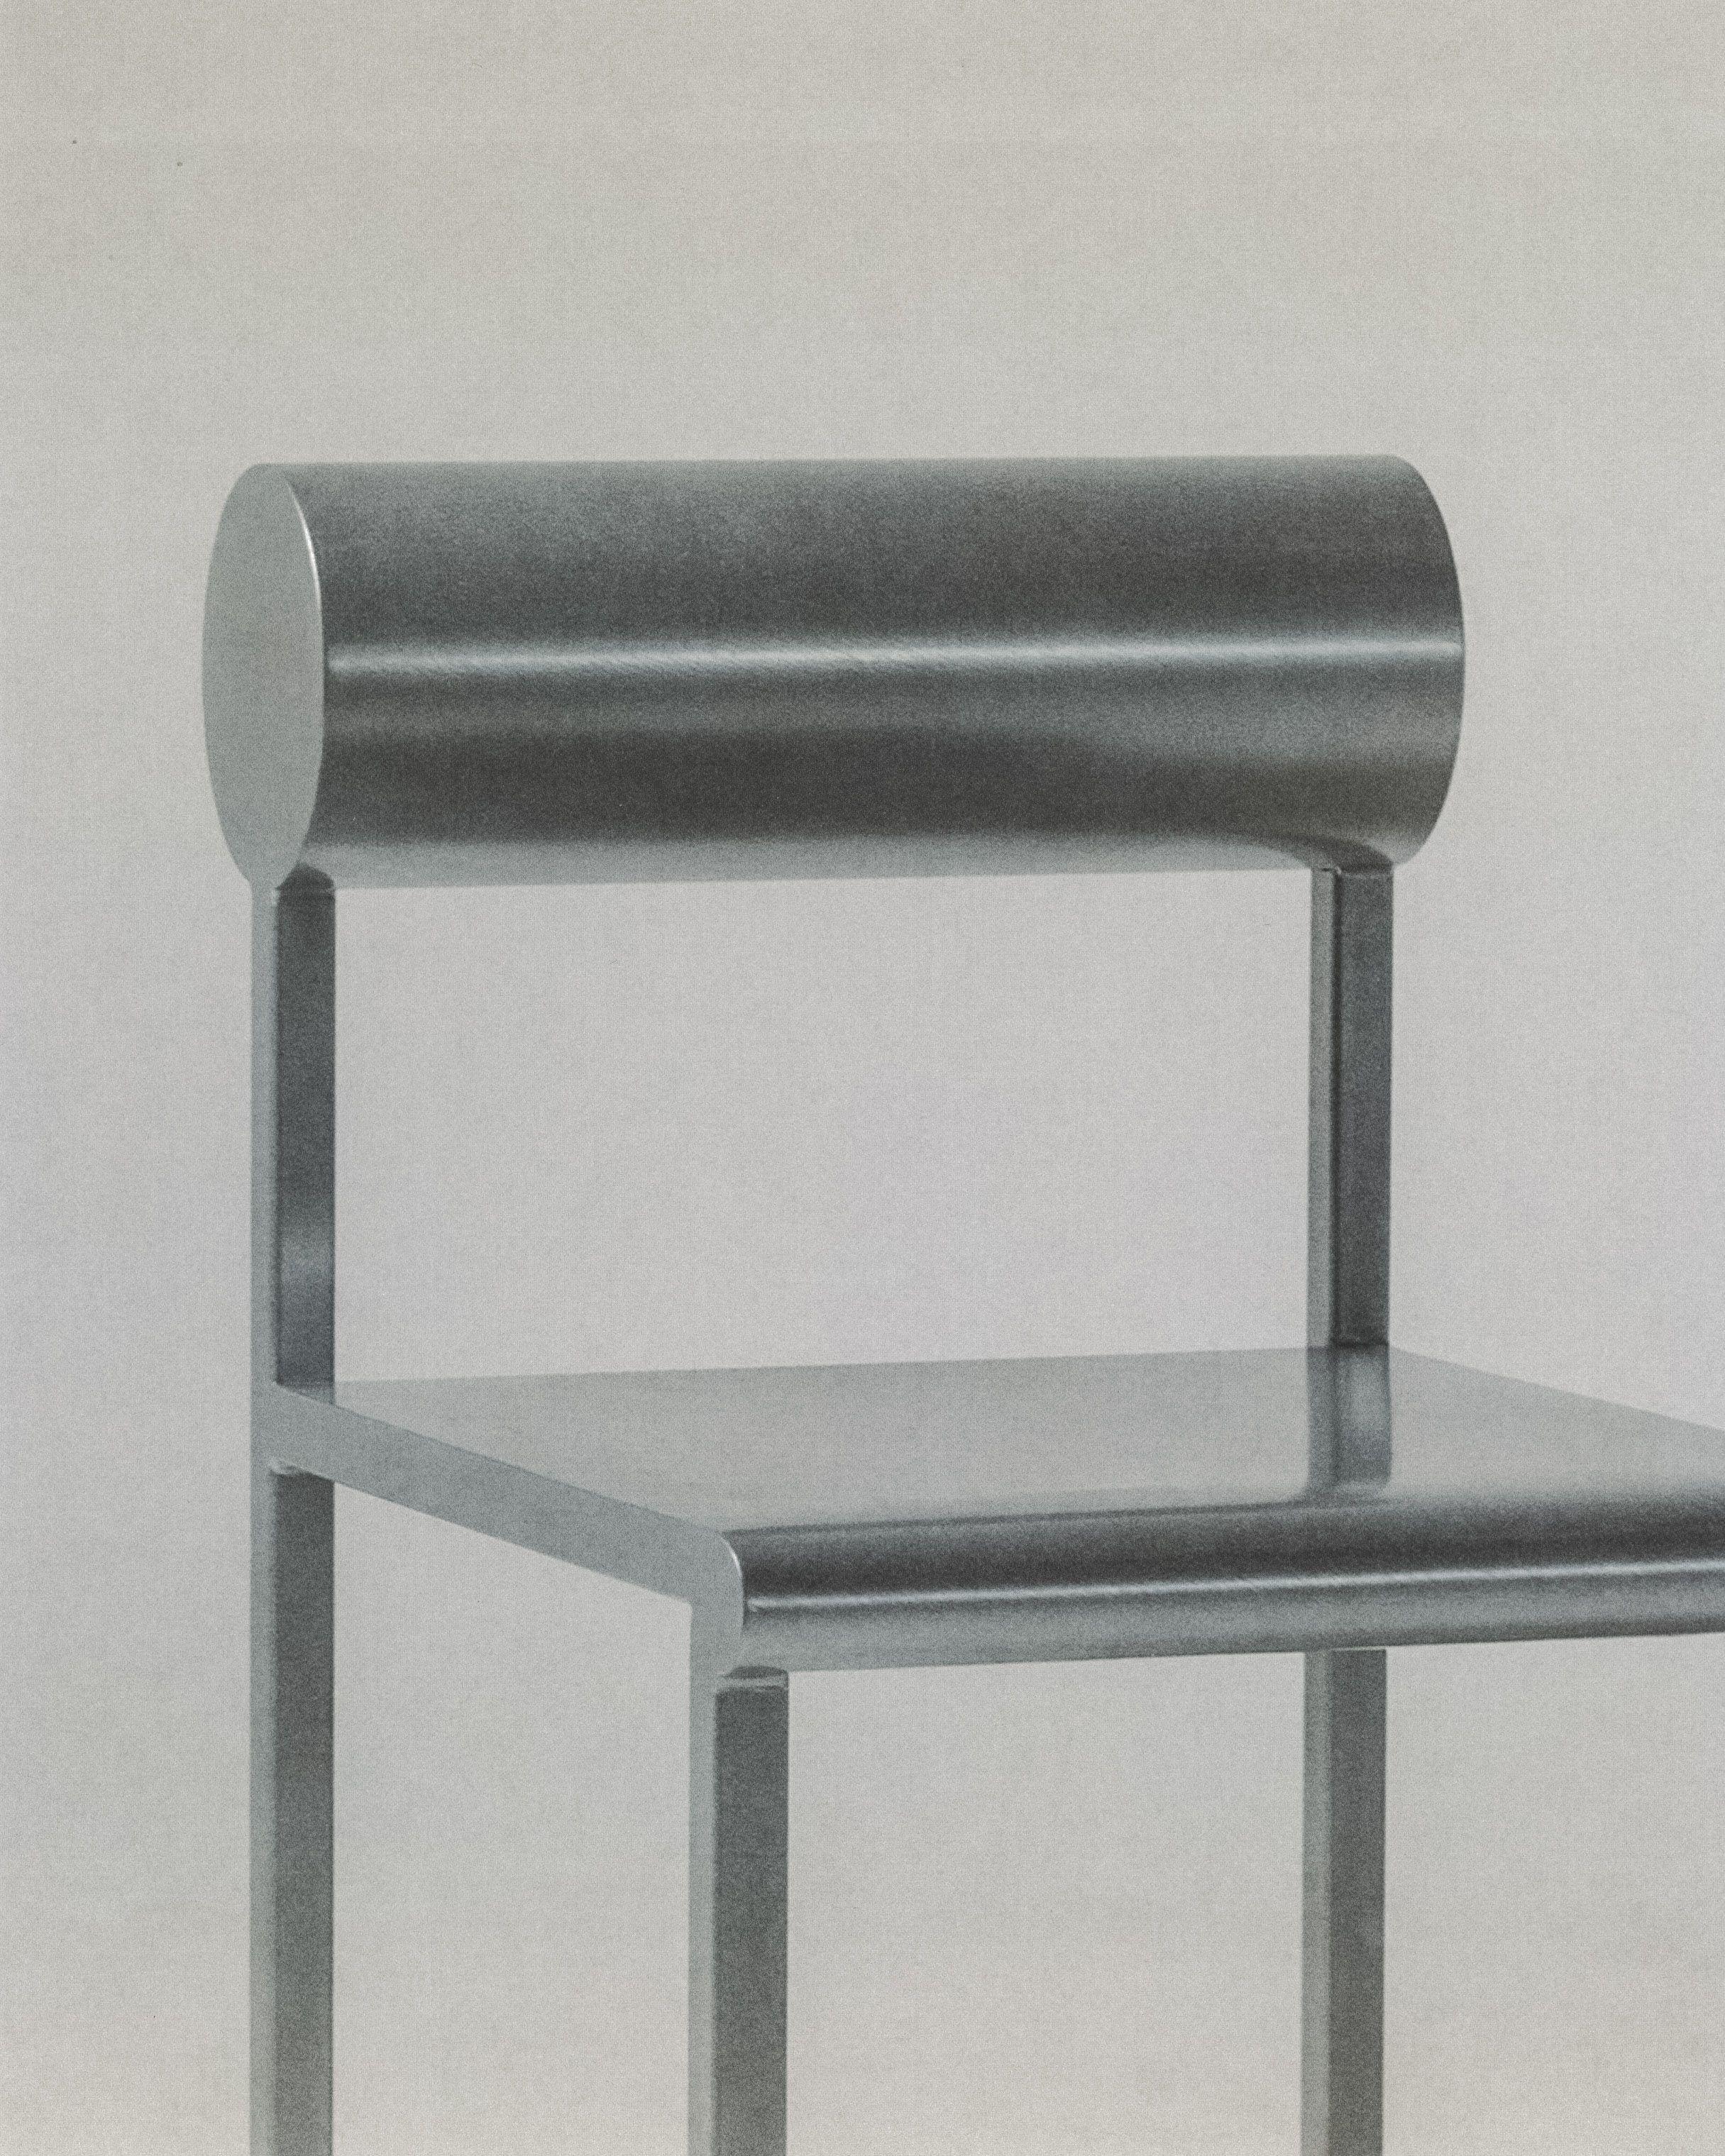 Cylinder Back Steel product image 2